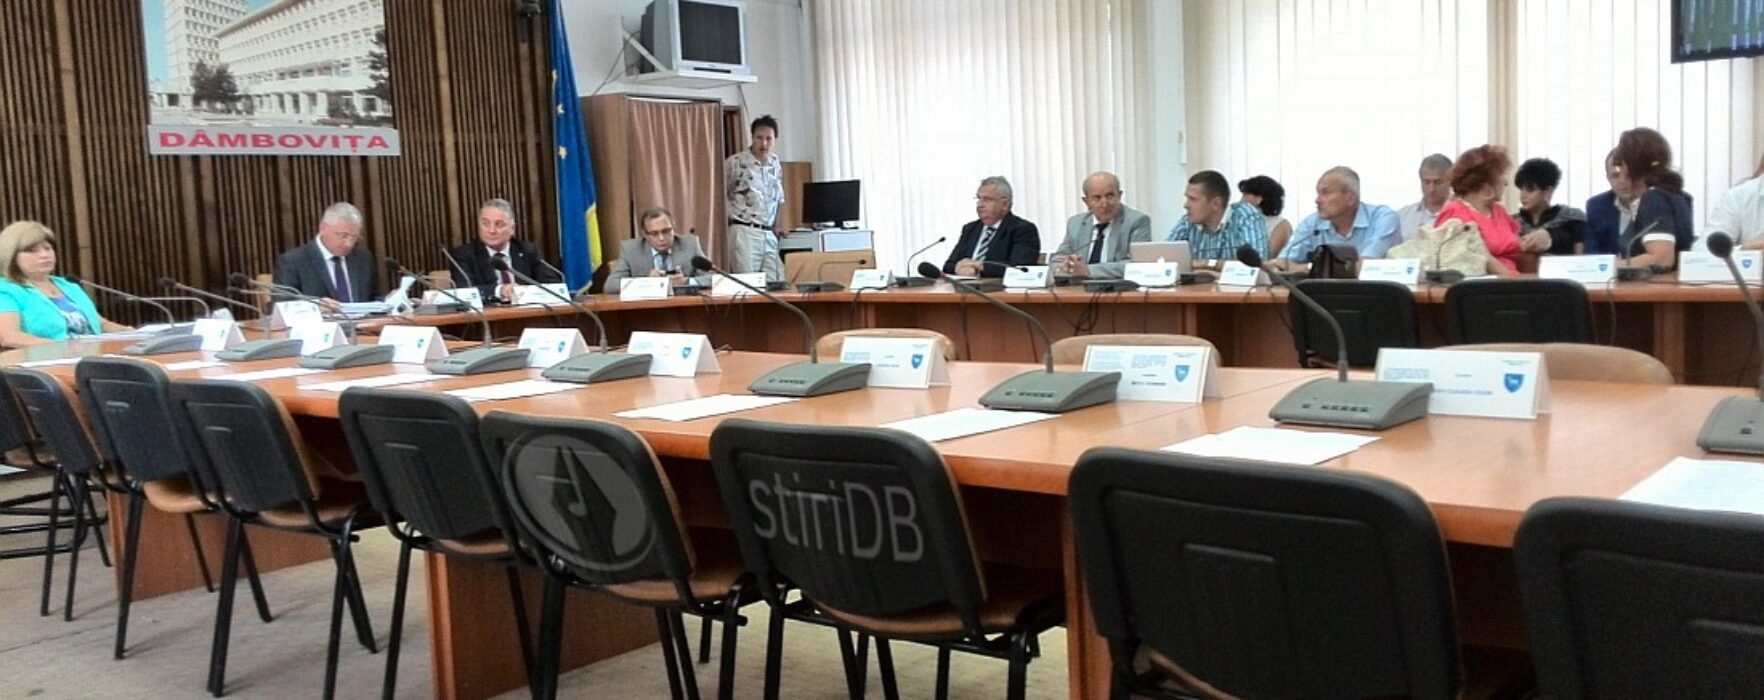 Consilierii PDL şi PNL nu s-au prezentat la şedinţa CJ Dâmboviţa; Ţuţuianu: merg până la dizolvarea consiliului